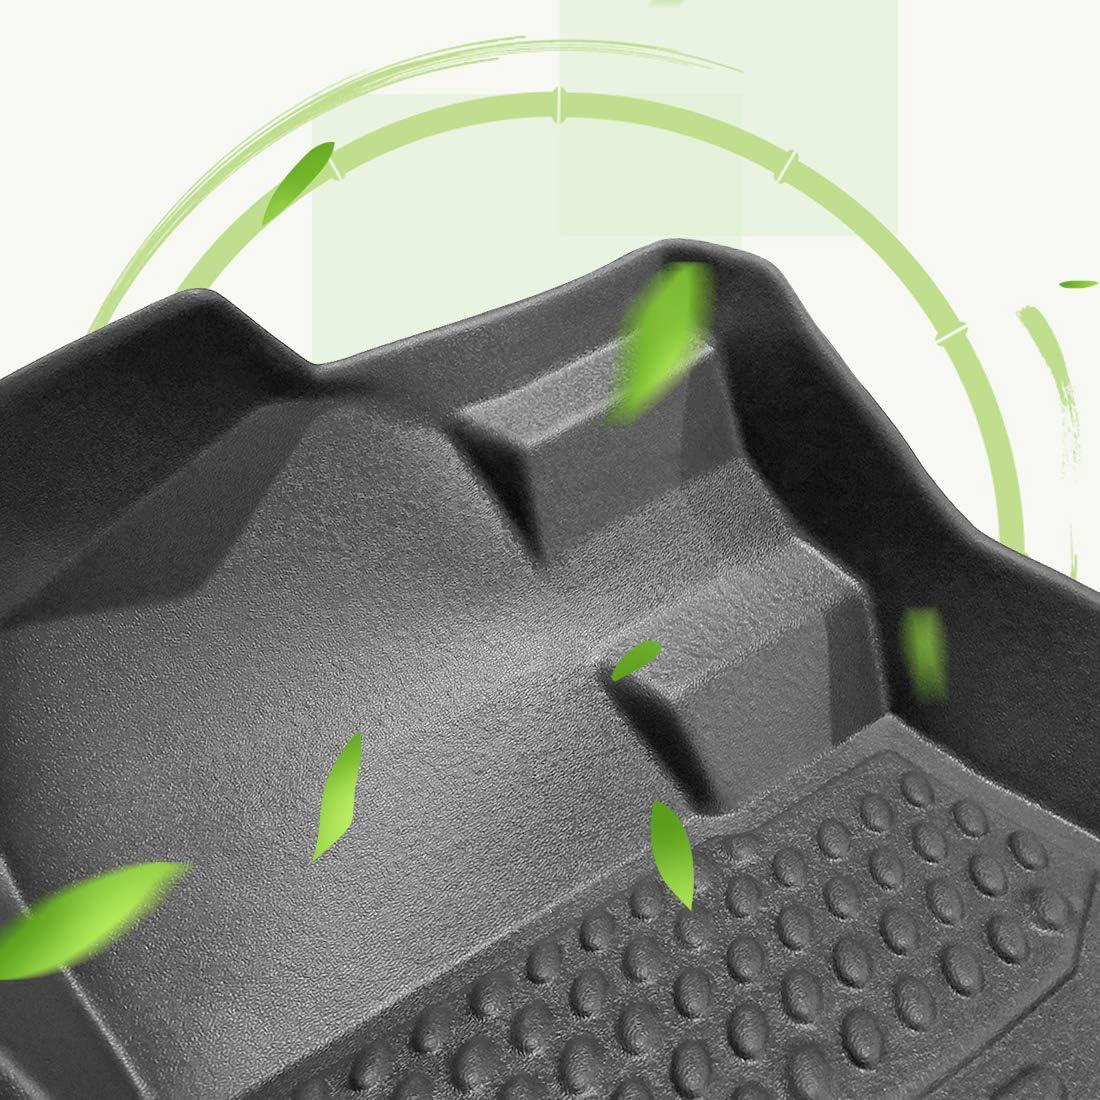 OREALTECH 3D Premium Tappeti Tappeto Tappetini Tappetino Moquette Auto in TPE Nero 3 Pezzi per Toyota RAV4 2013-2018